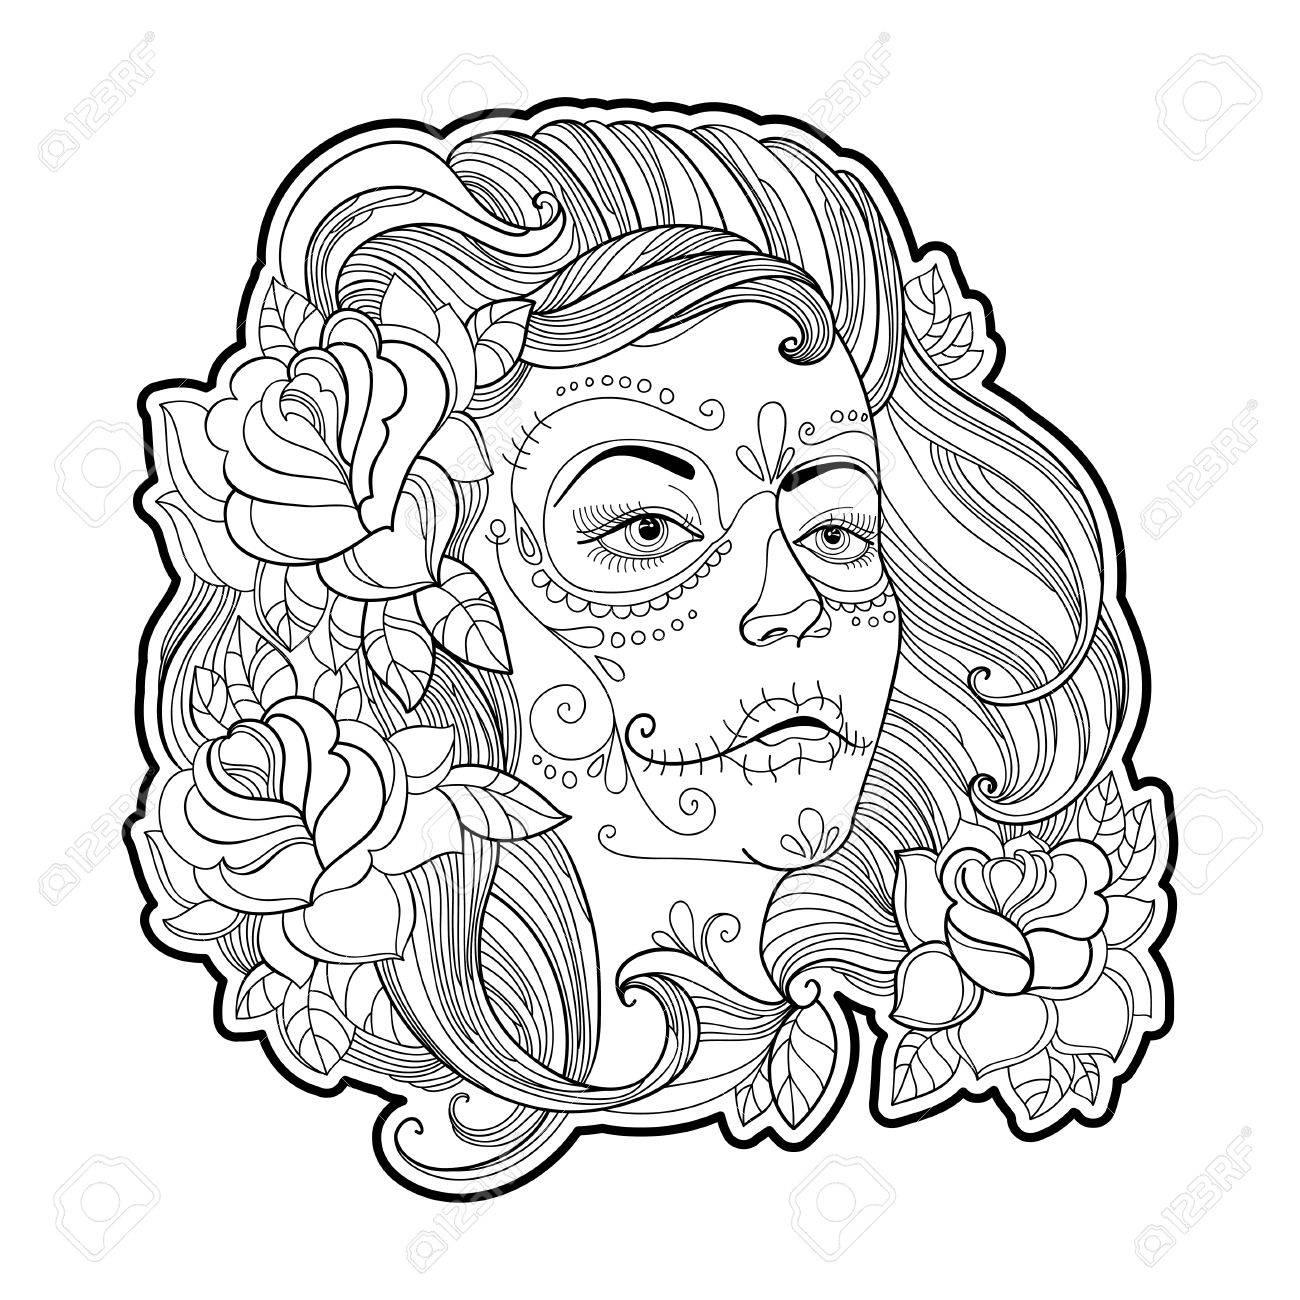 1300x1300 Girl Face With Sugar Skull Or Calavera Catrina Makeup And Roses